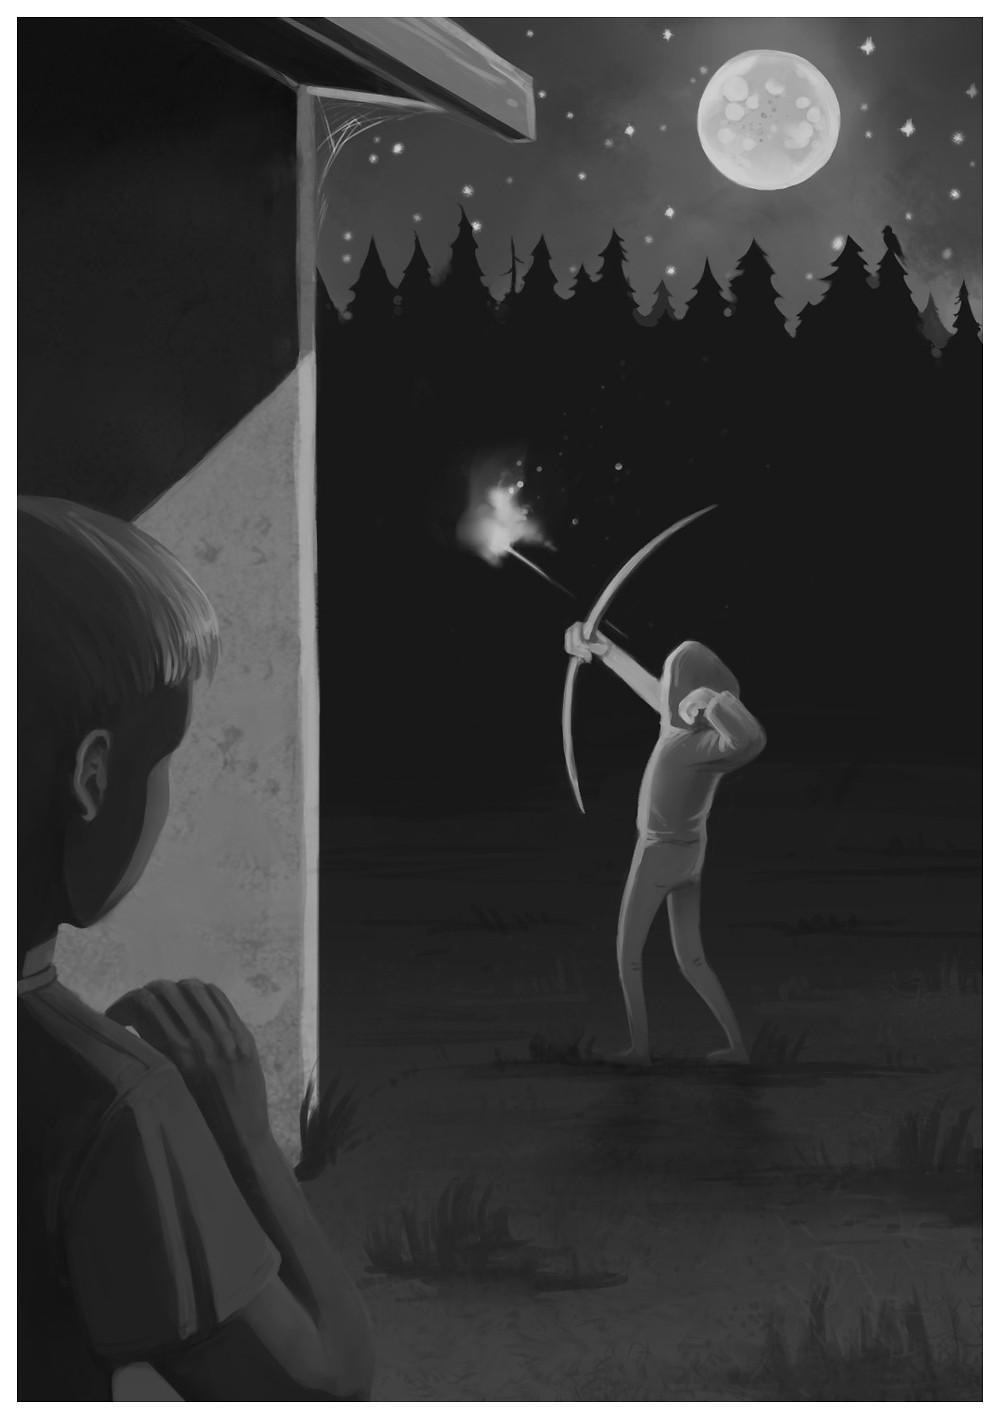 En pil i natten